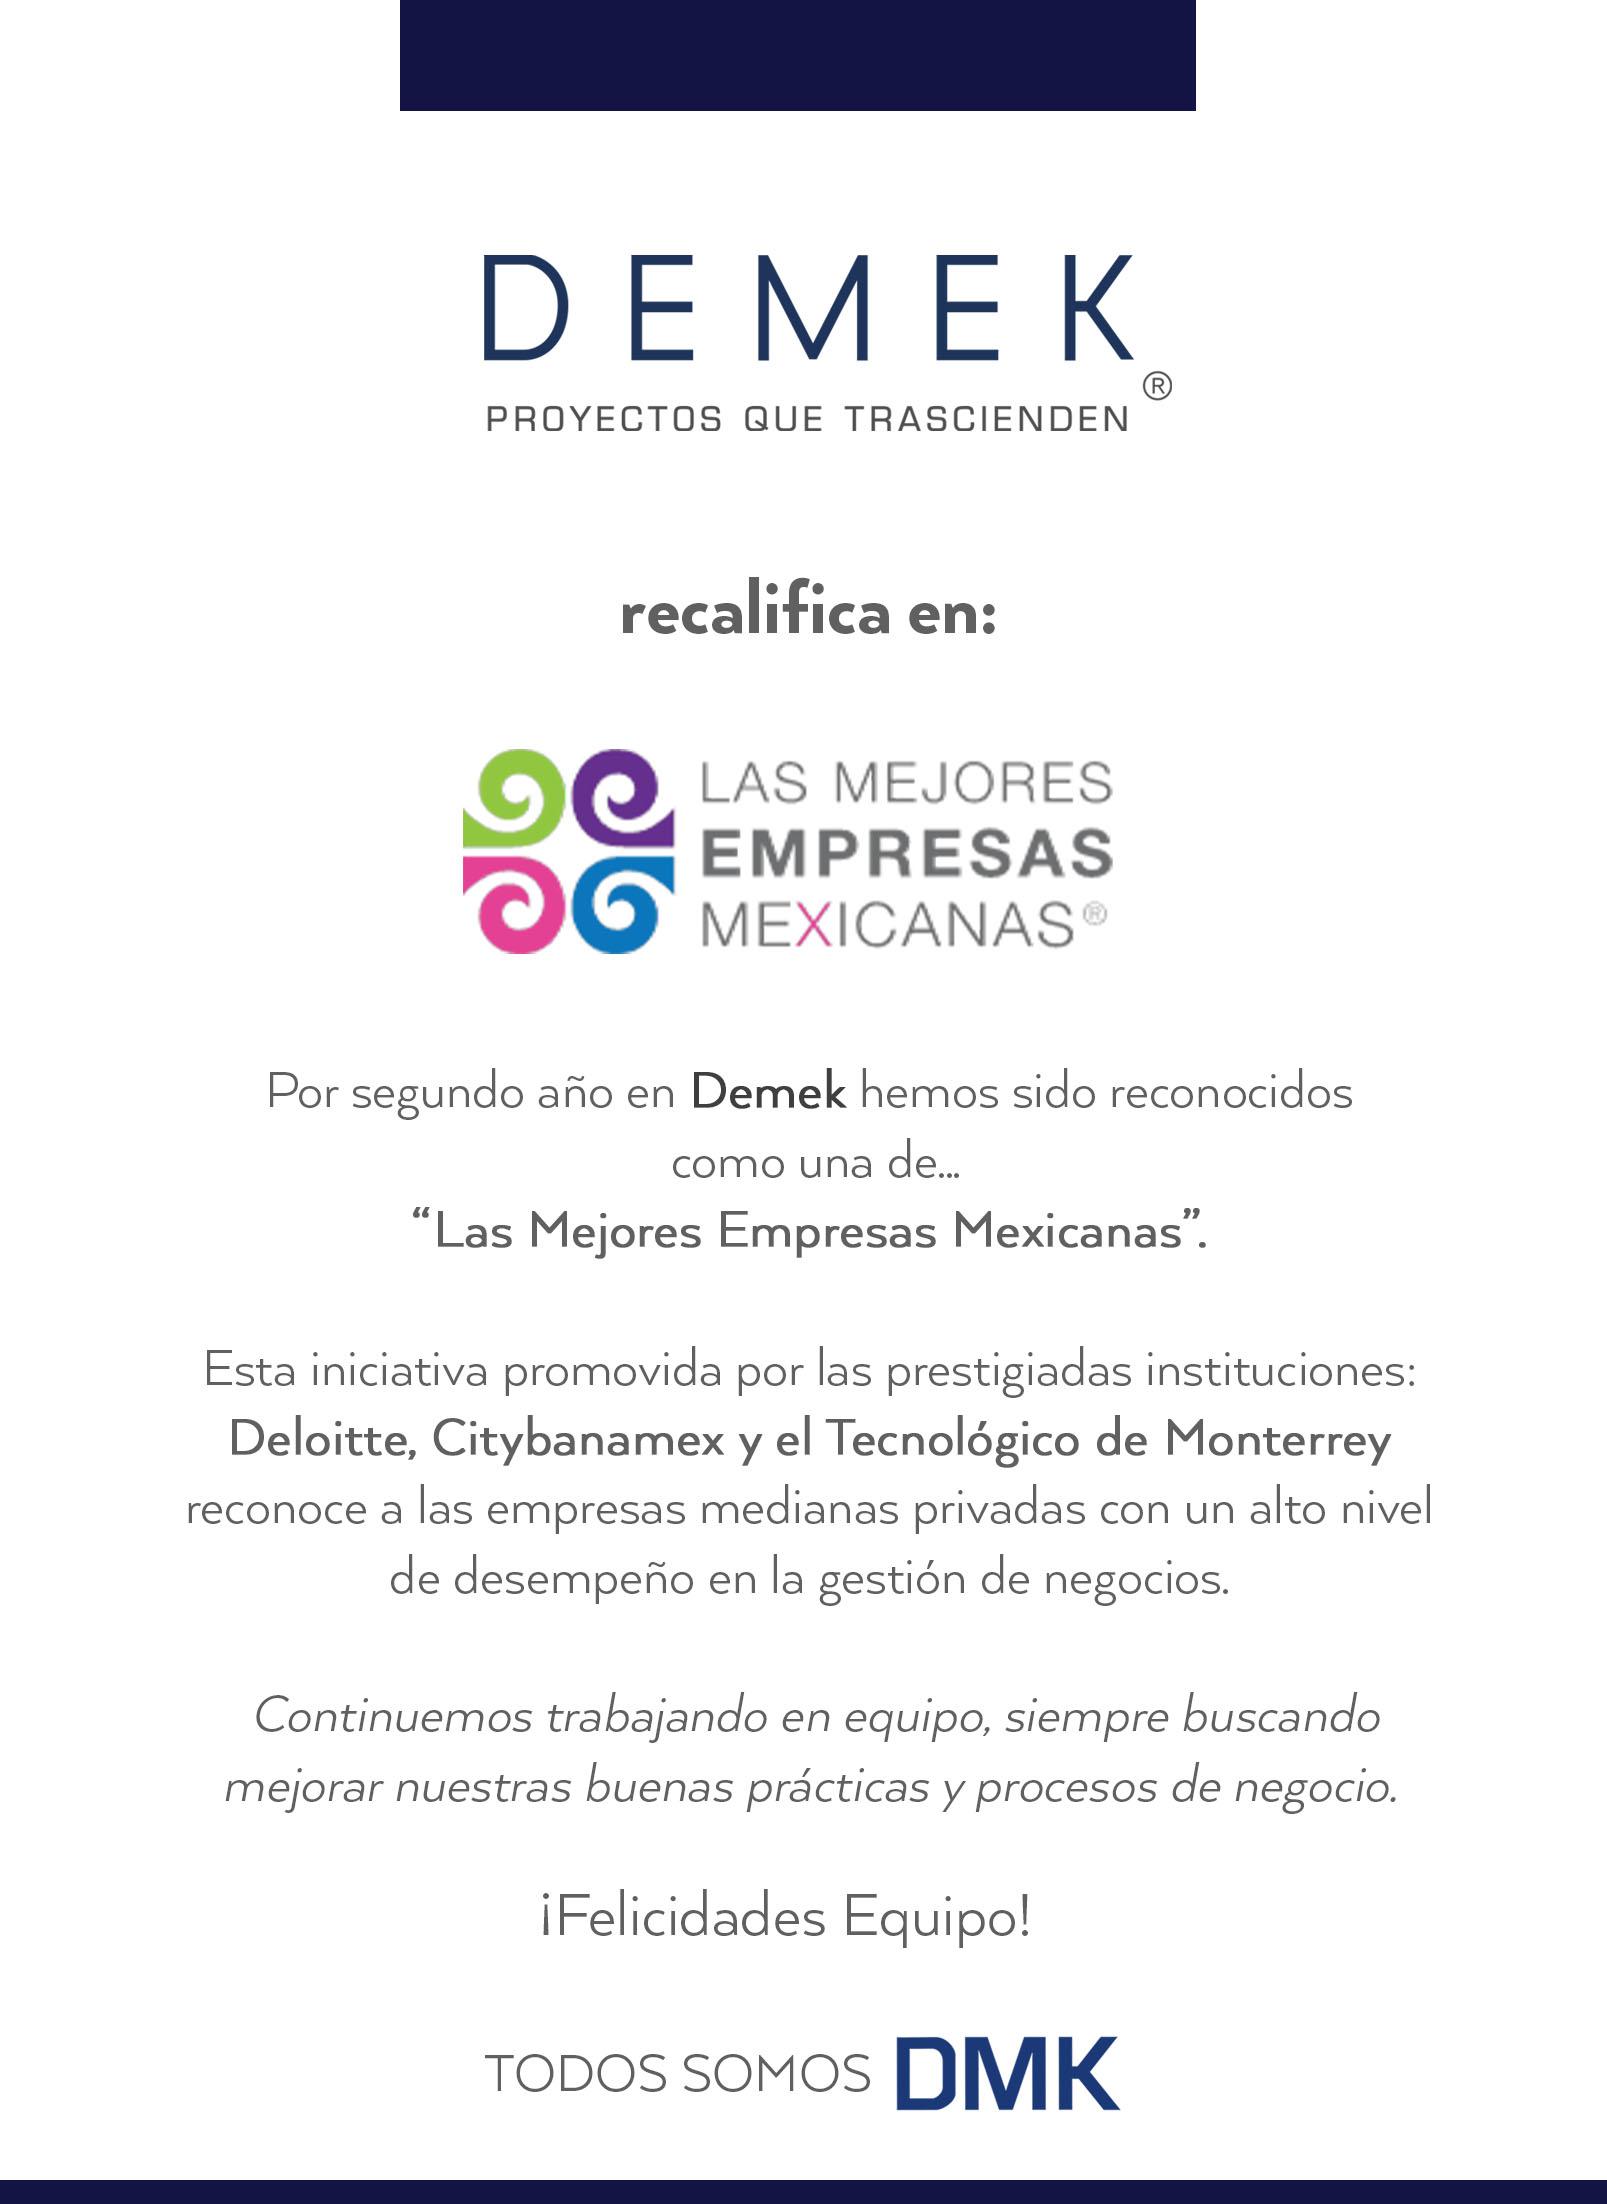 DEMEK requalify in MEM 2018